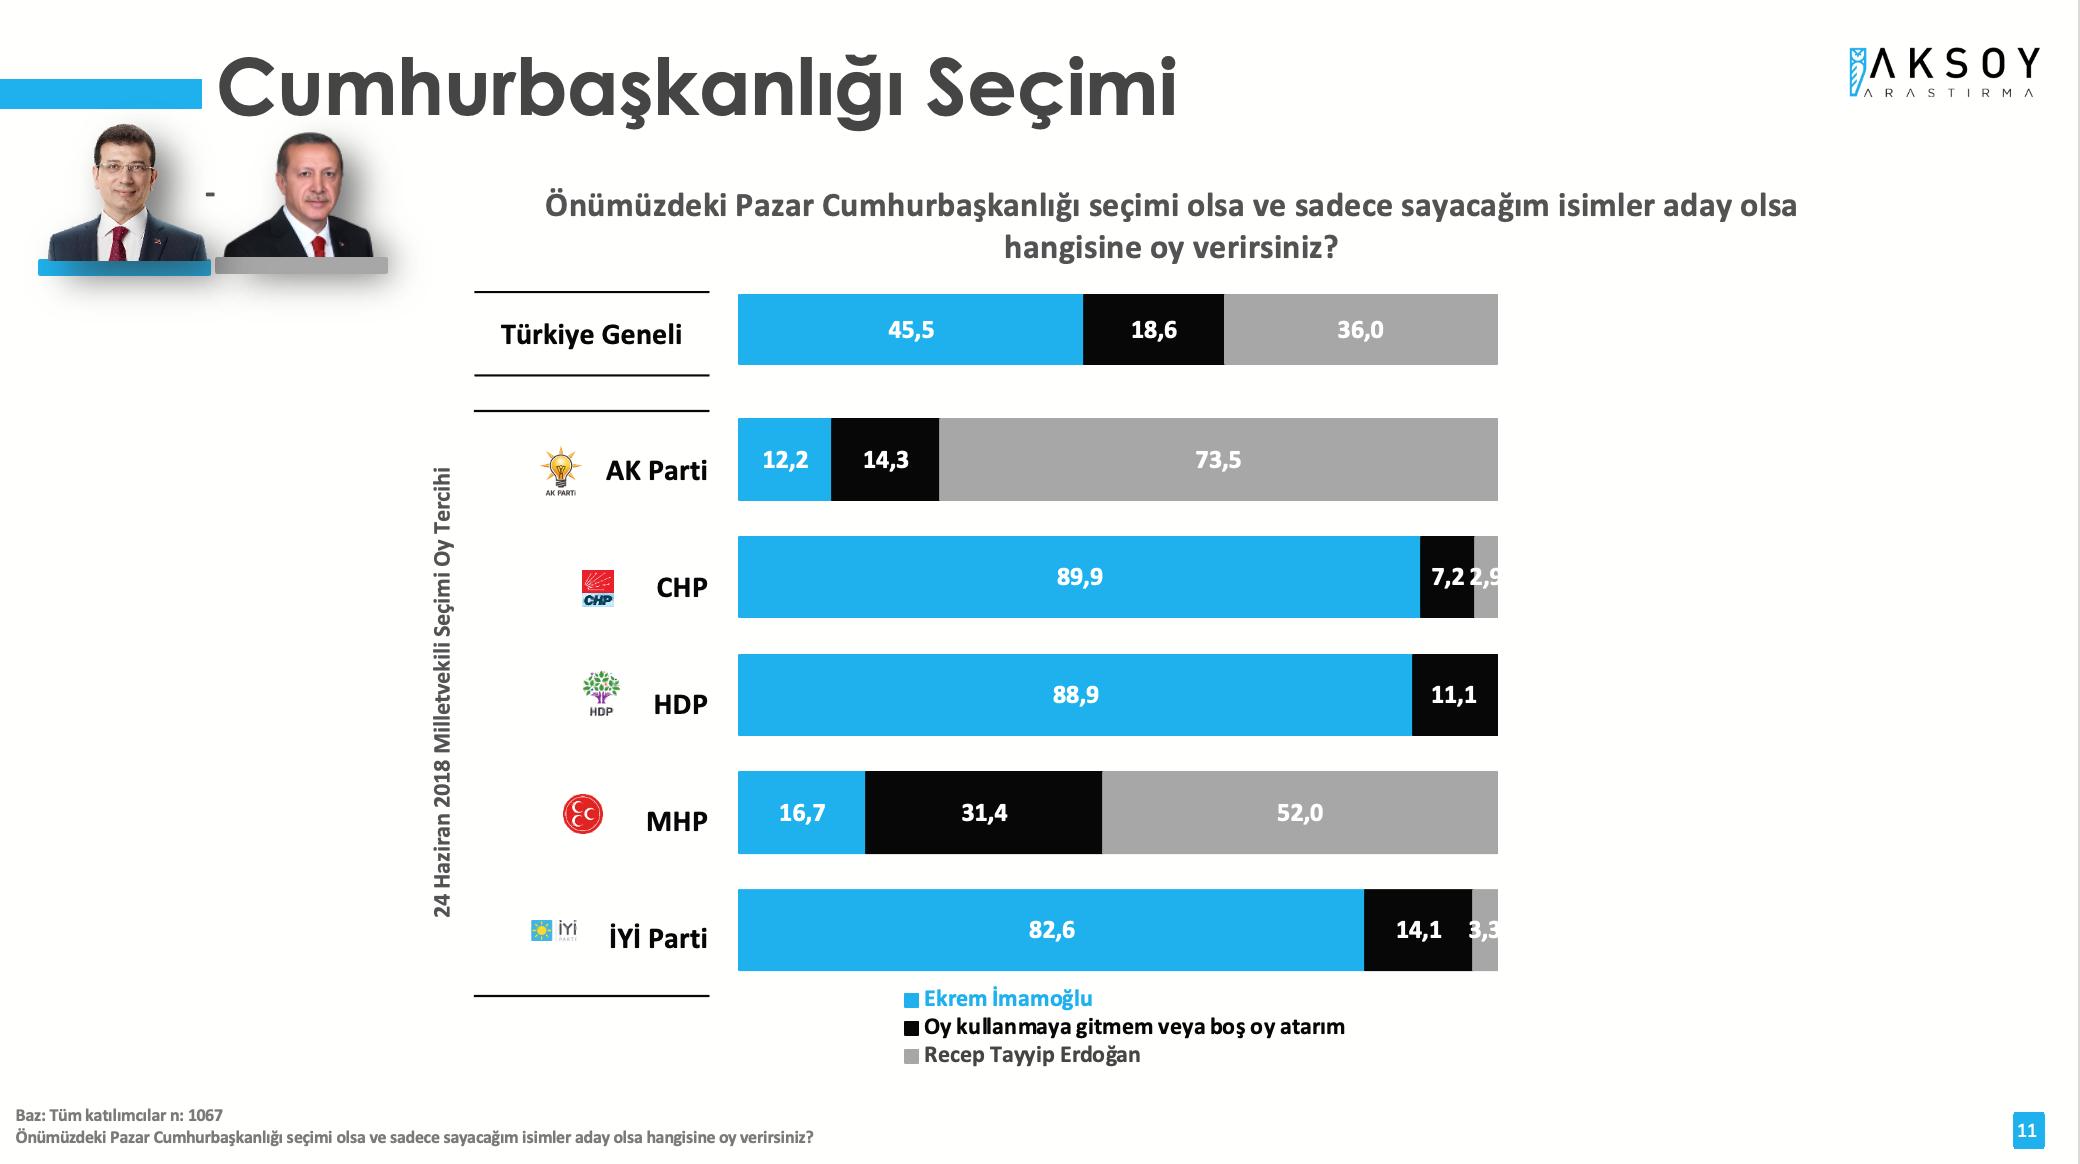 <p>Cumhurbaşkanı Erdoğan'a karşı daha yüksek oy oranına ulaşan bir diğer isim yüzde 45,5 ile İstanbul Büyükşehir Belediye Başkanı Ekrem İmamoğlu oldu.</p>